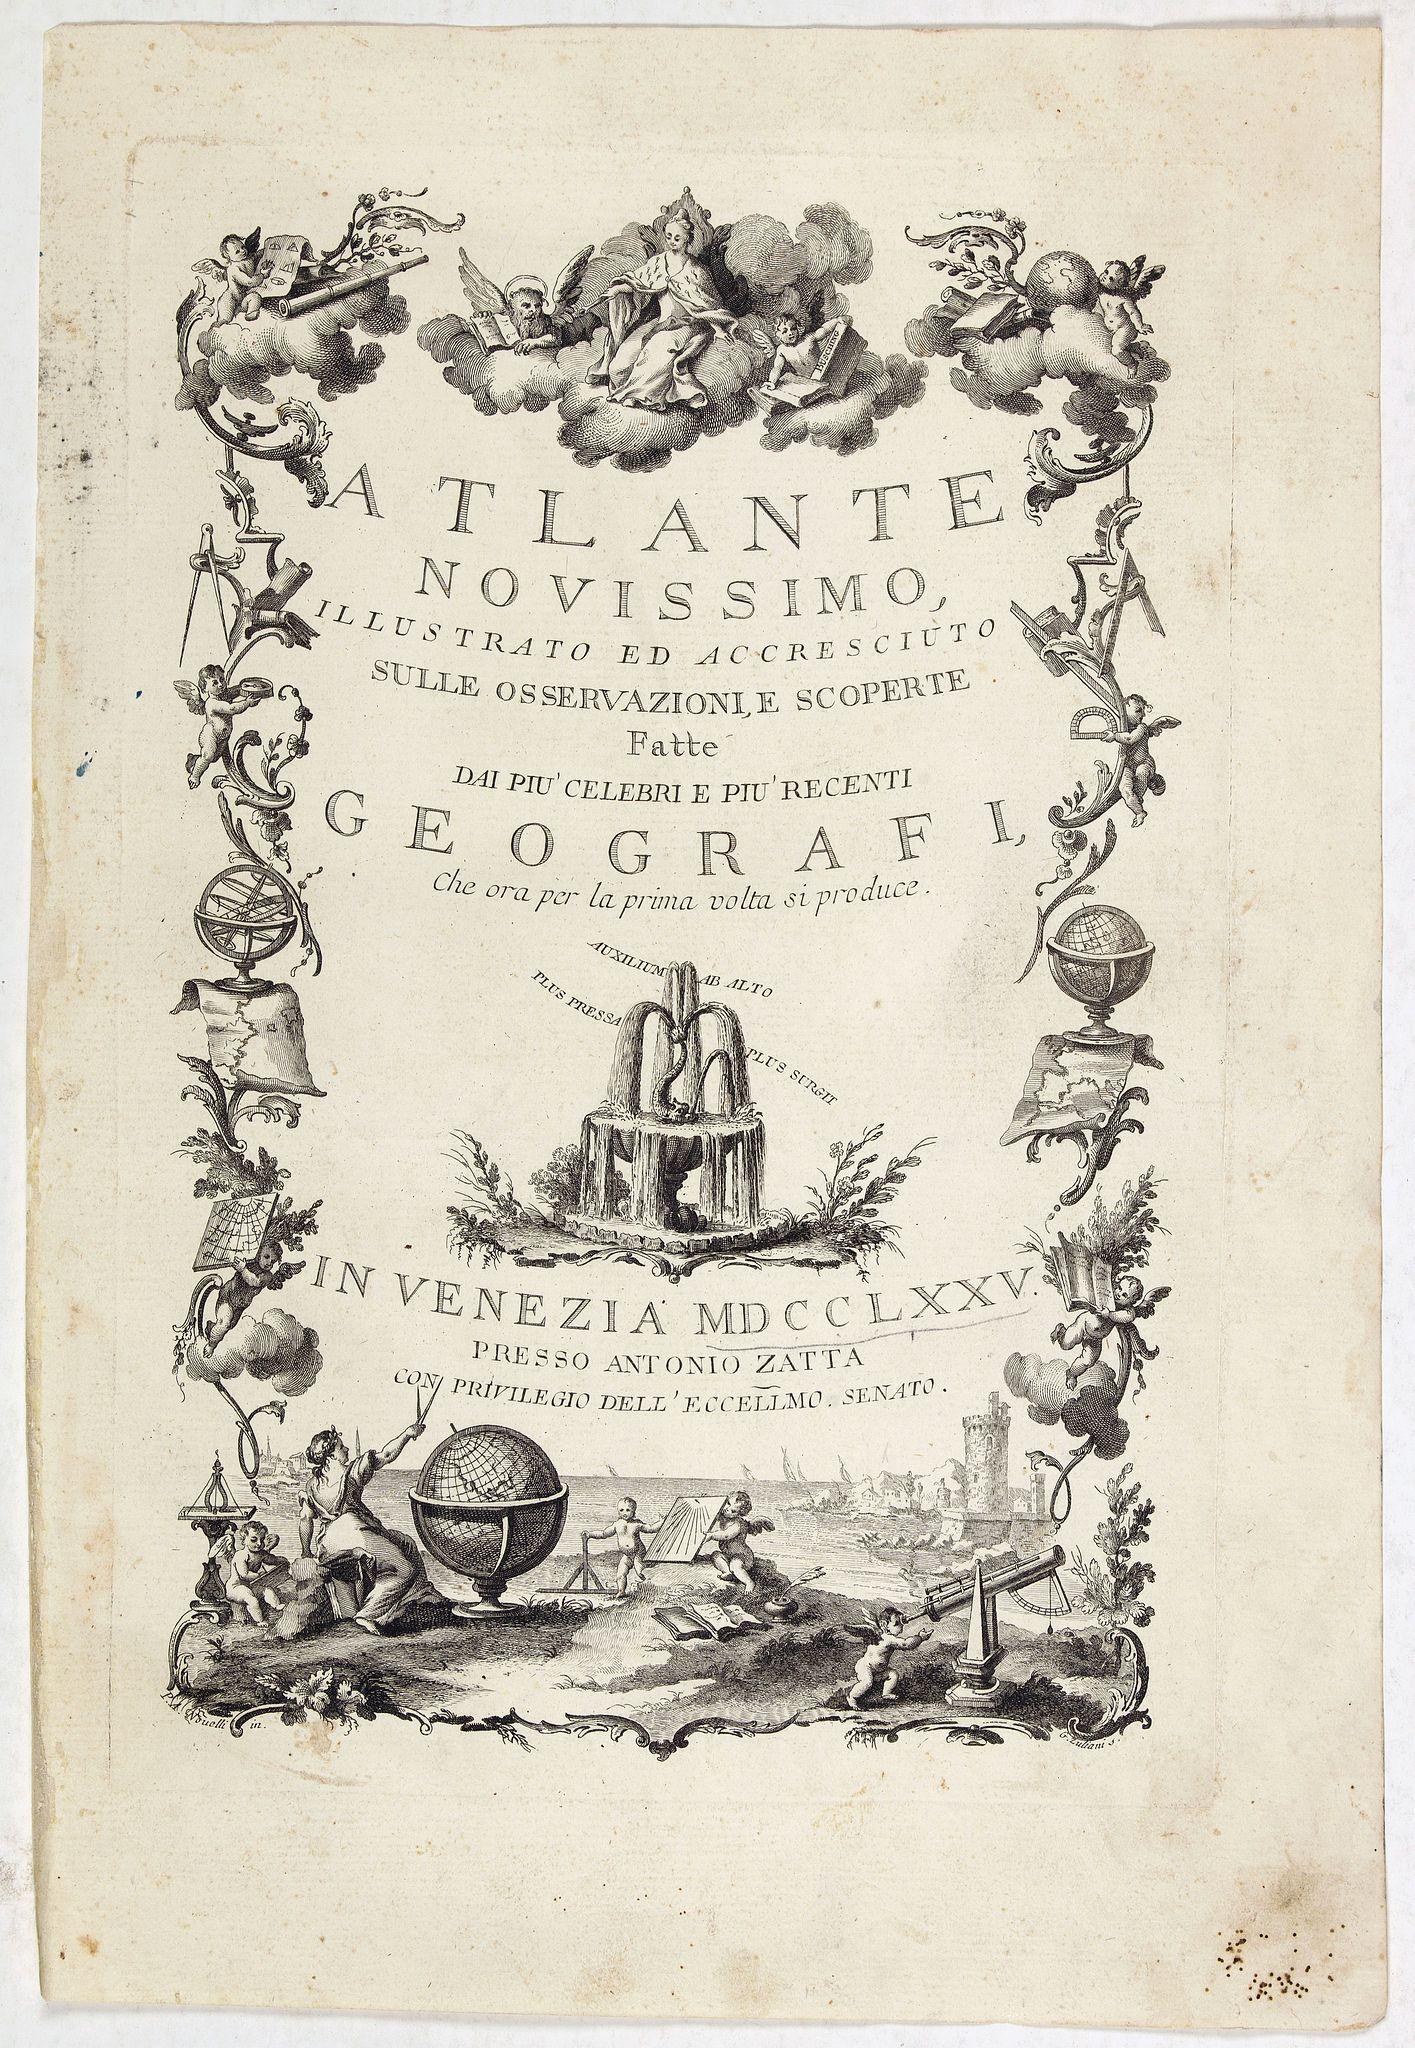 ZATTA, A. -  [Title page] Atlante Novissimo, illustrato ed accresciuto . . .